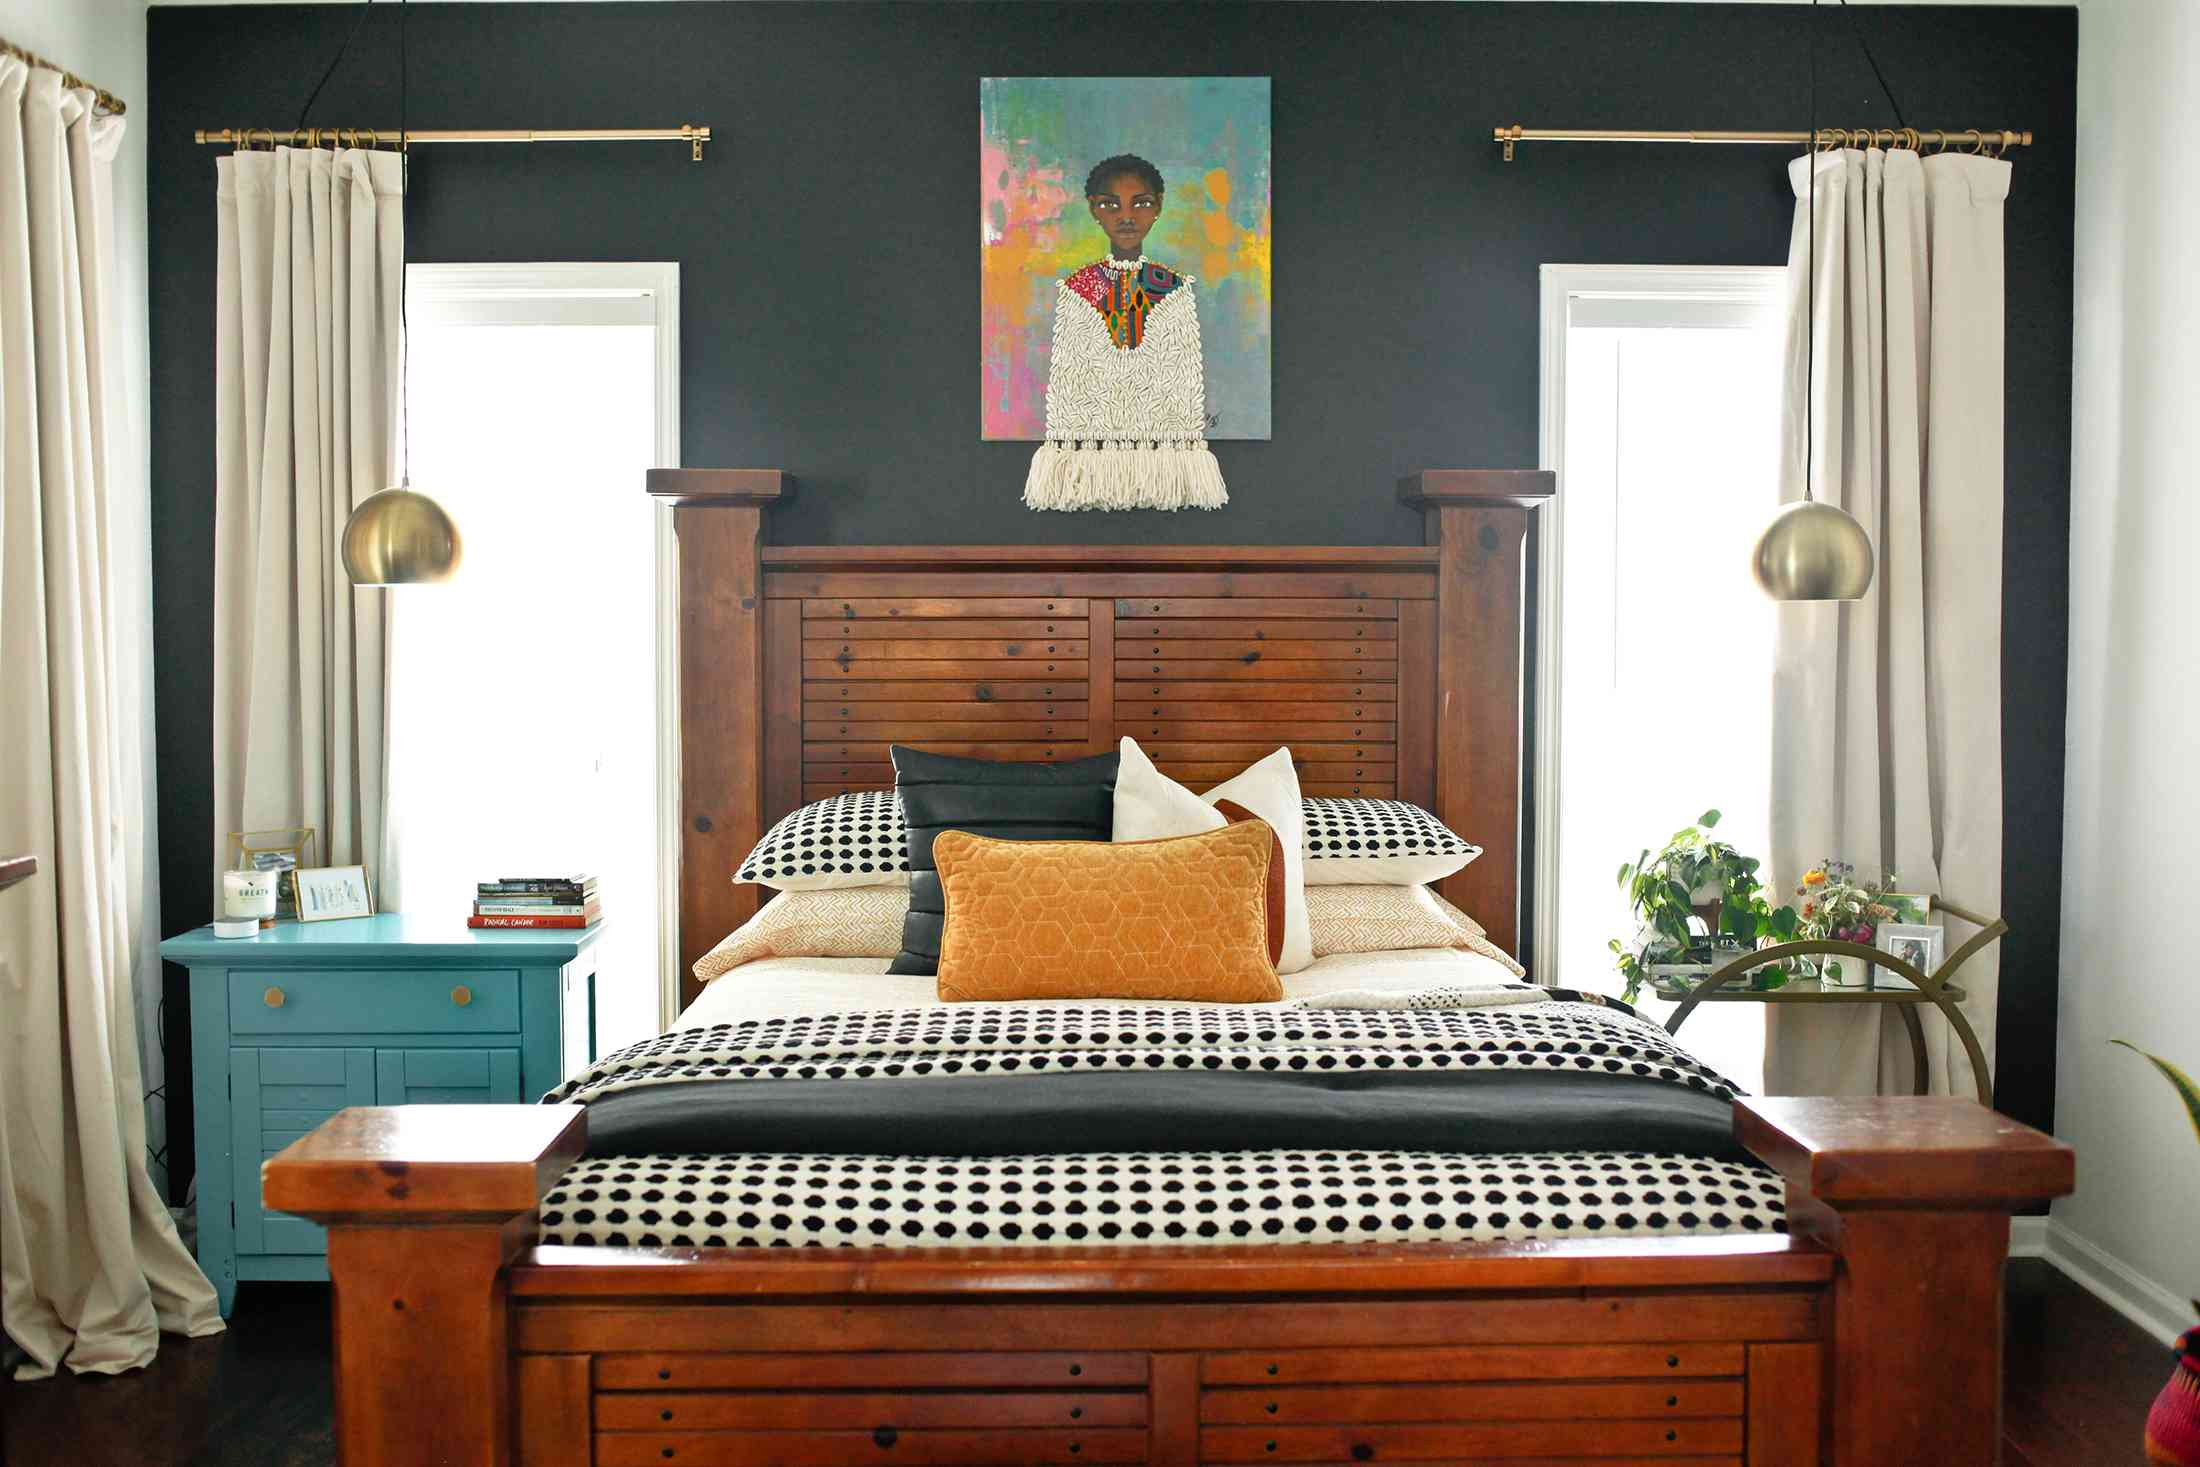 dormitorio con paredes oscuras y colores en capas